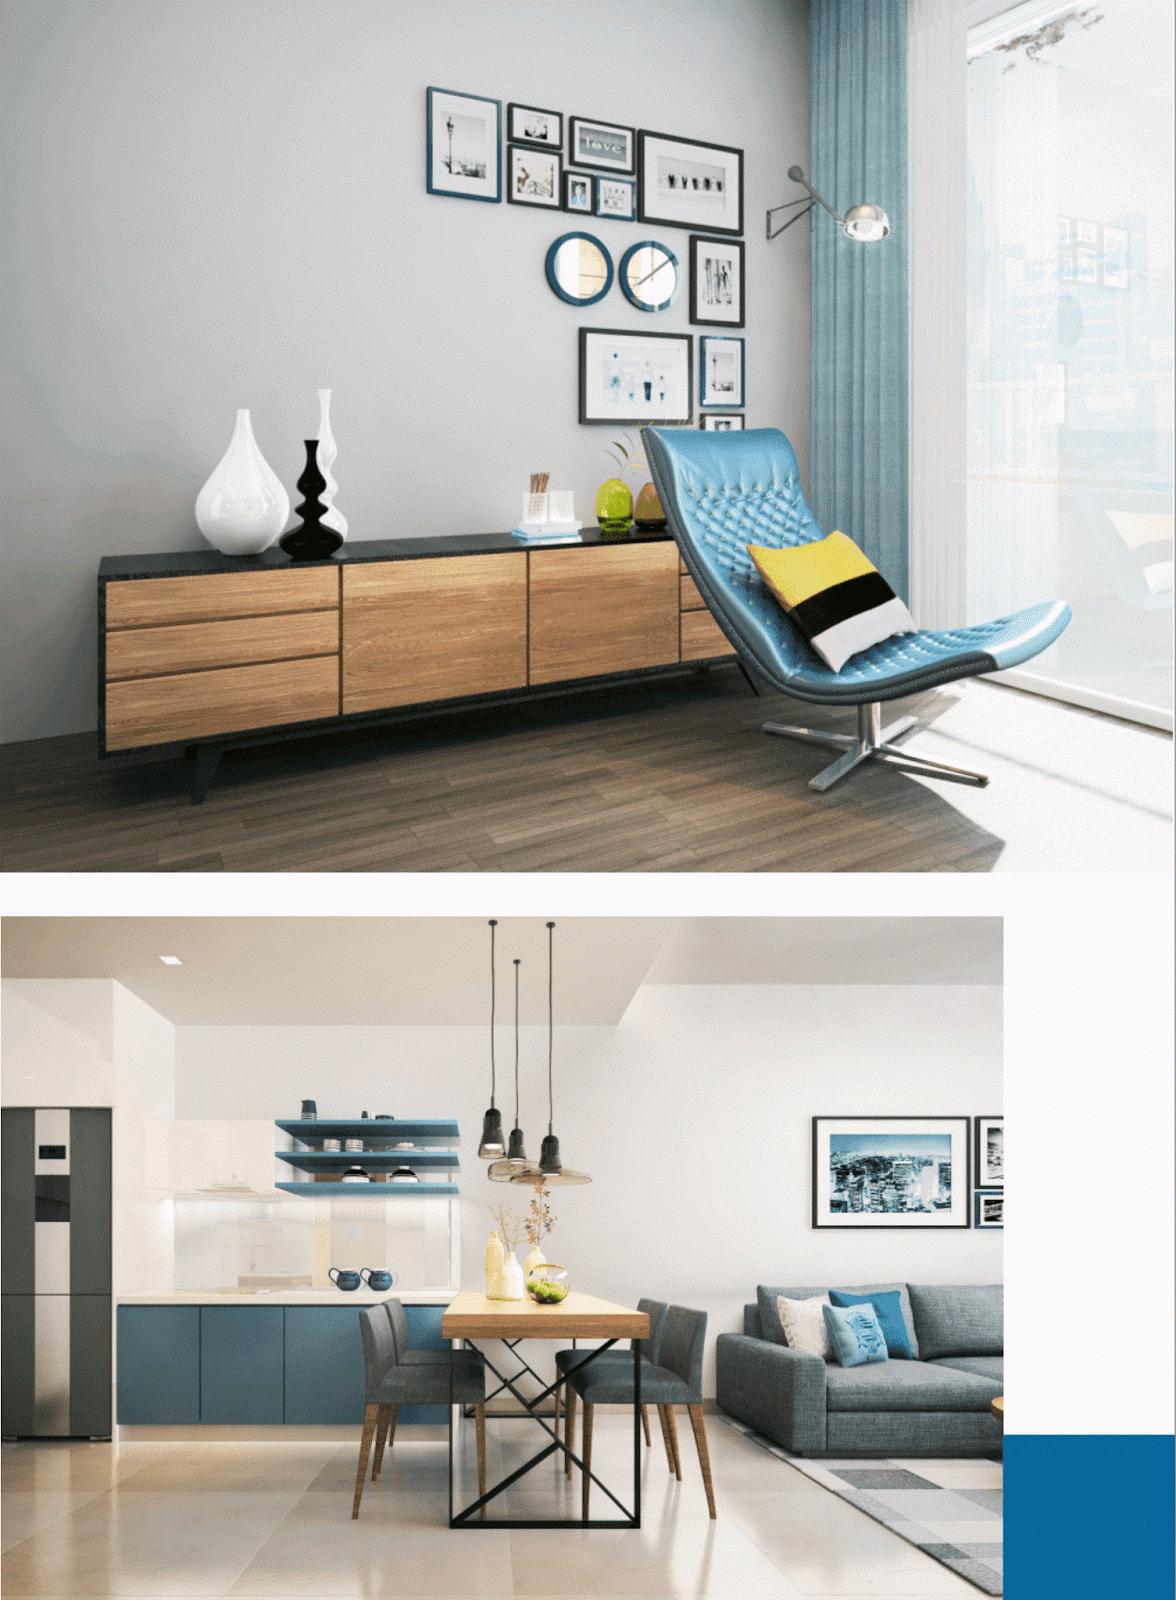 Thiết kế nội thất thông minh Smart Home tại The Emerald Mỹ Đình